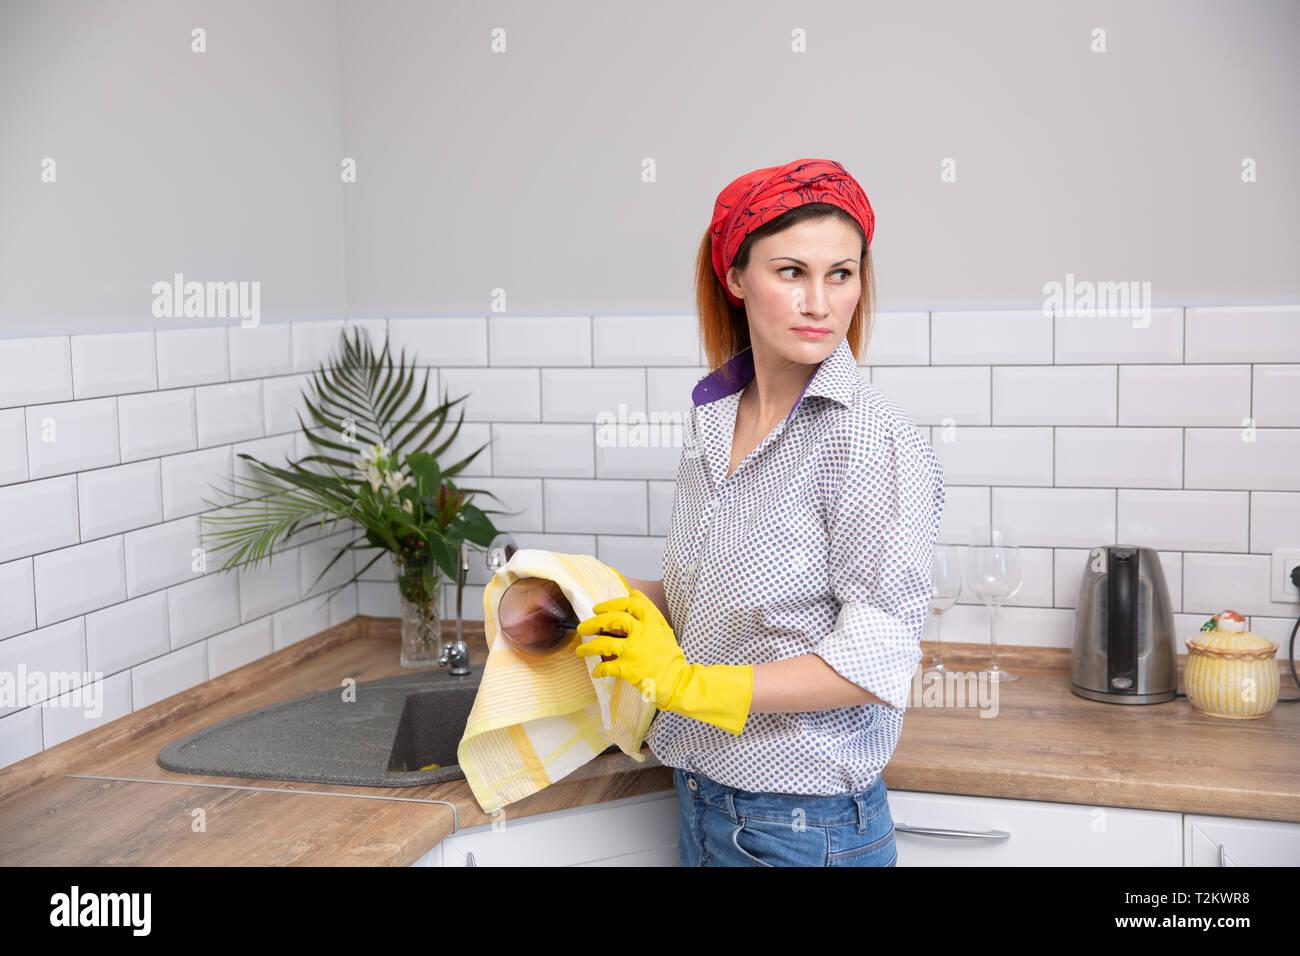 De nettoyage ou de femme verre ruges dans la cuisine. de ménage faire le nettoyage de printemps Banque D'Images